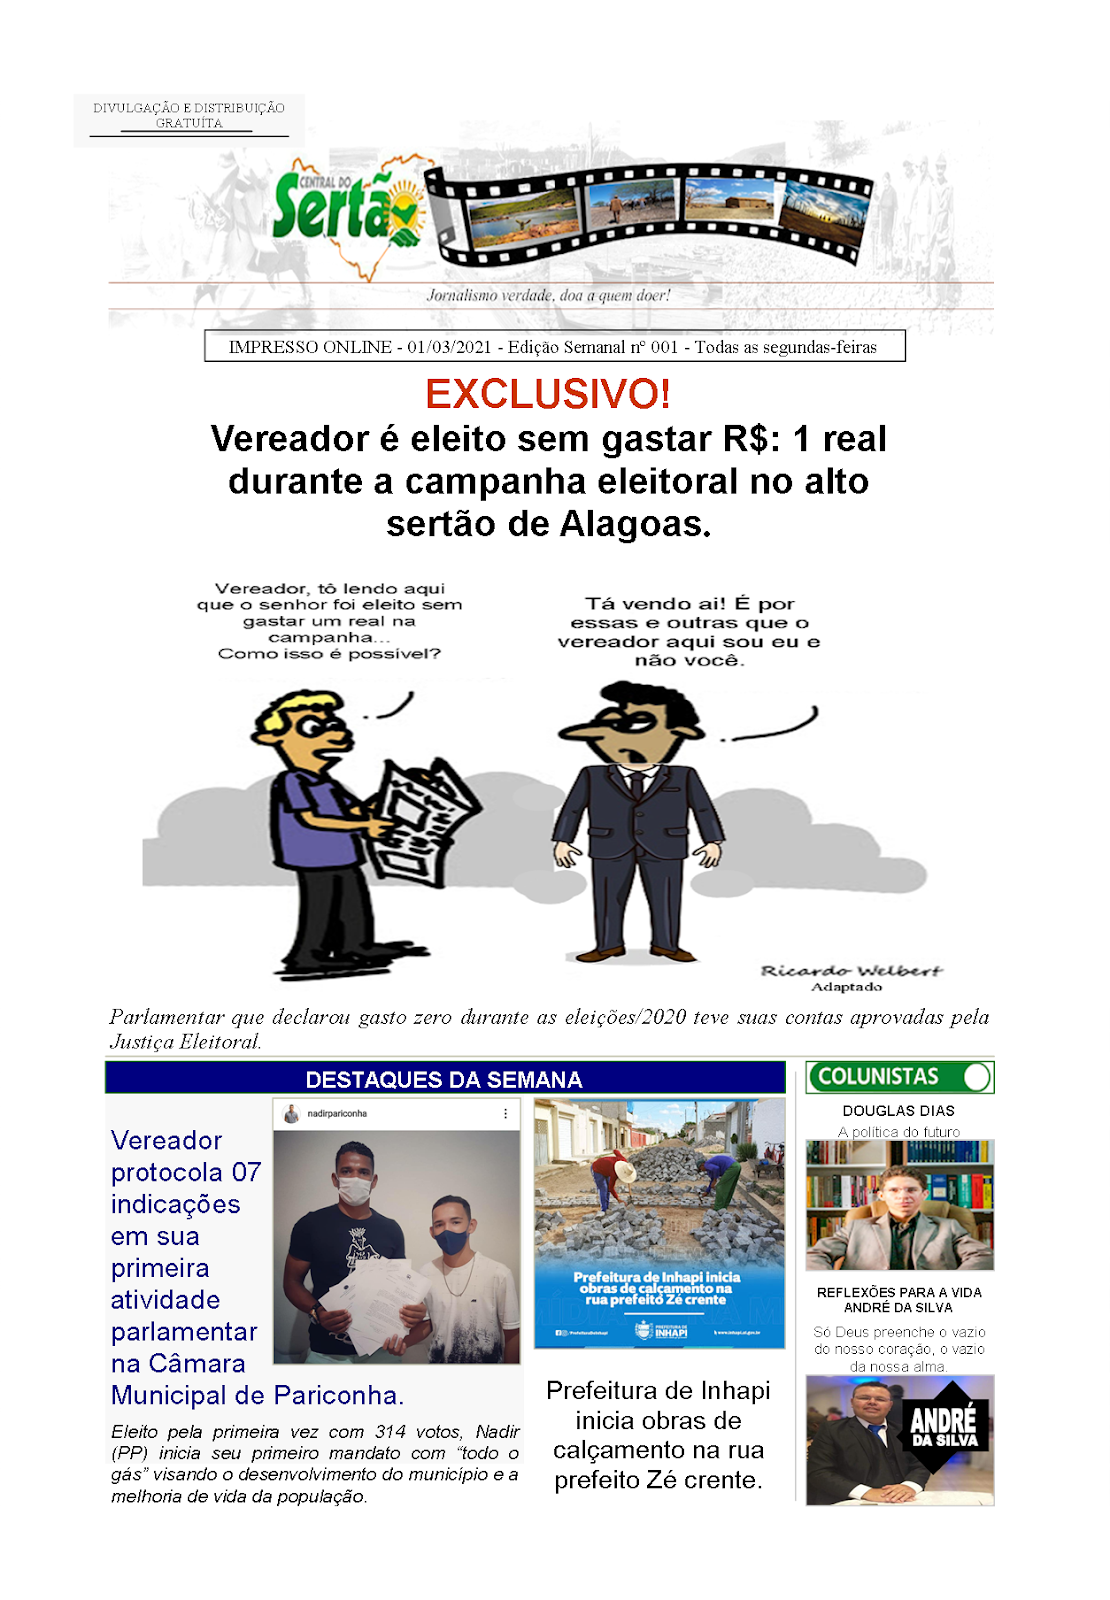 IMPRESSO ONLINE - Edição nº 001 Segunda-feira - 01/03/2021